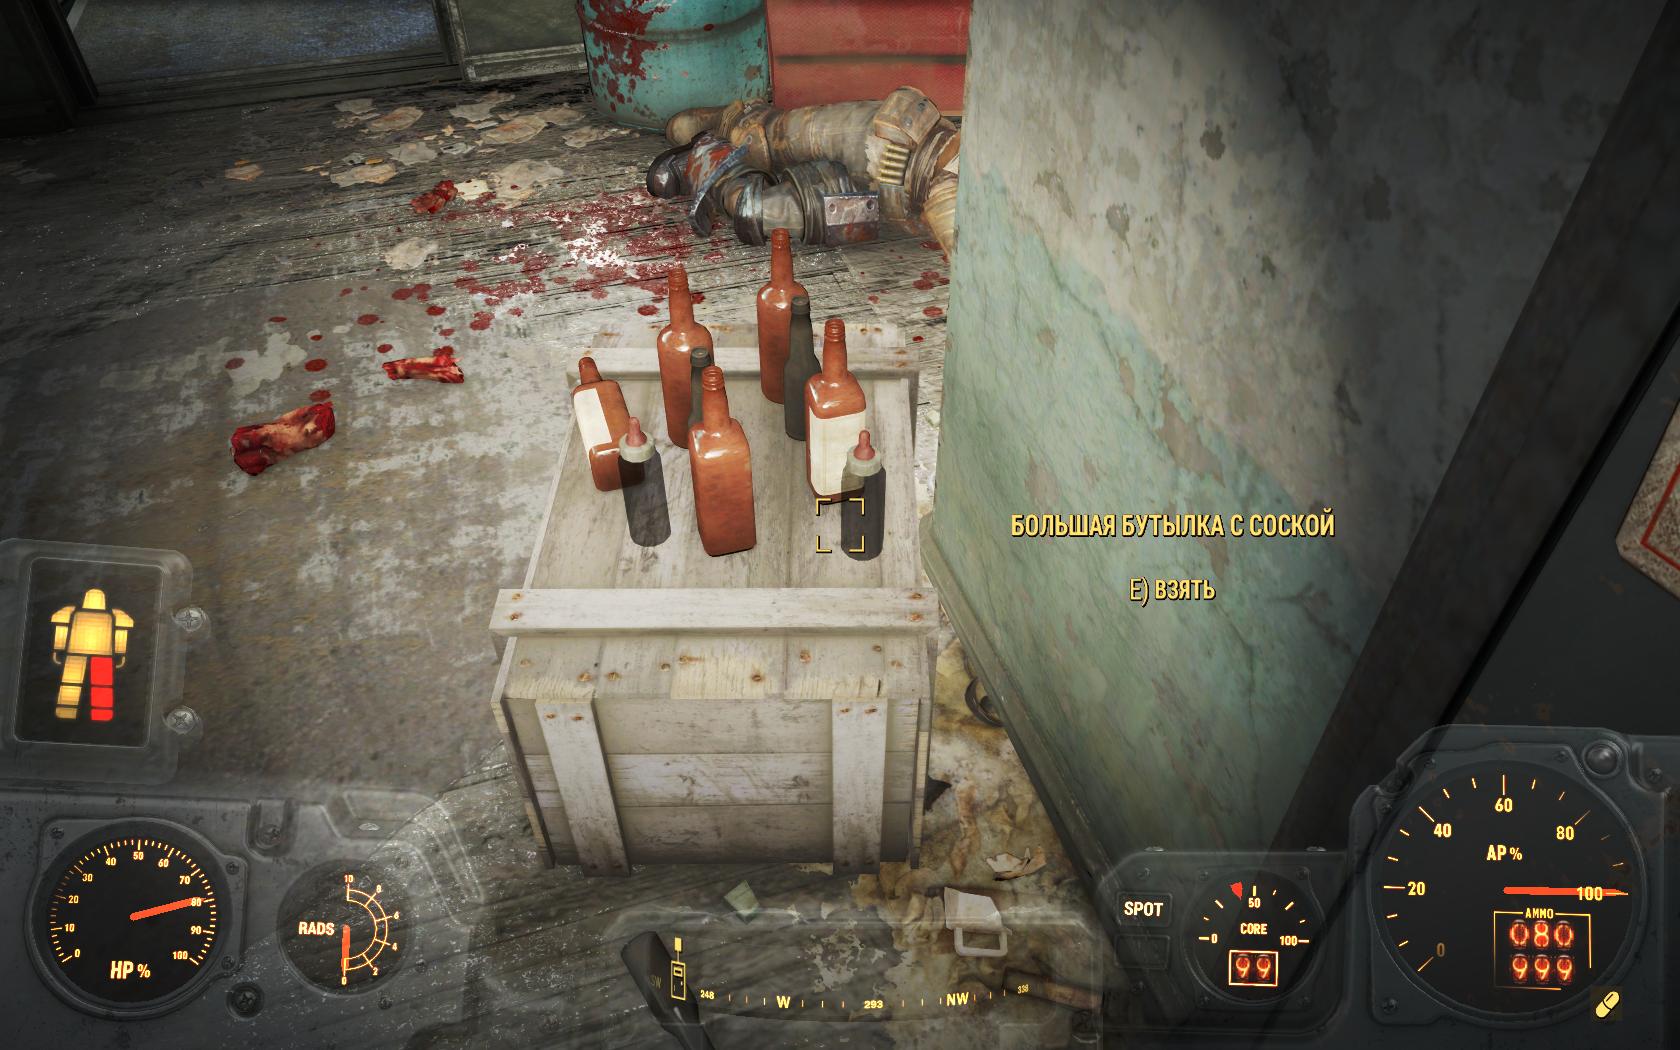 Весьма странное сочетание бутылочек (Лейтон тауэрс) - Fallout 4 Лейтон, тауэрс